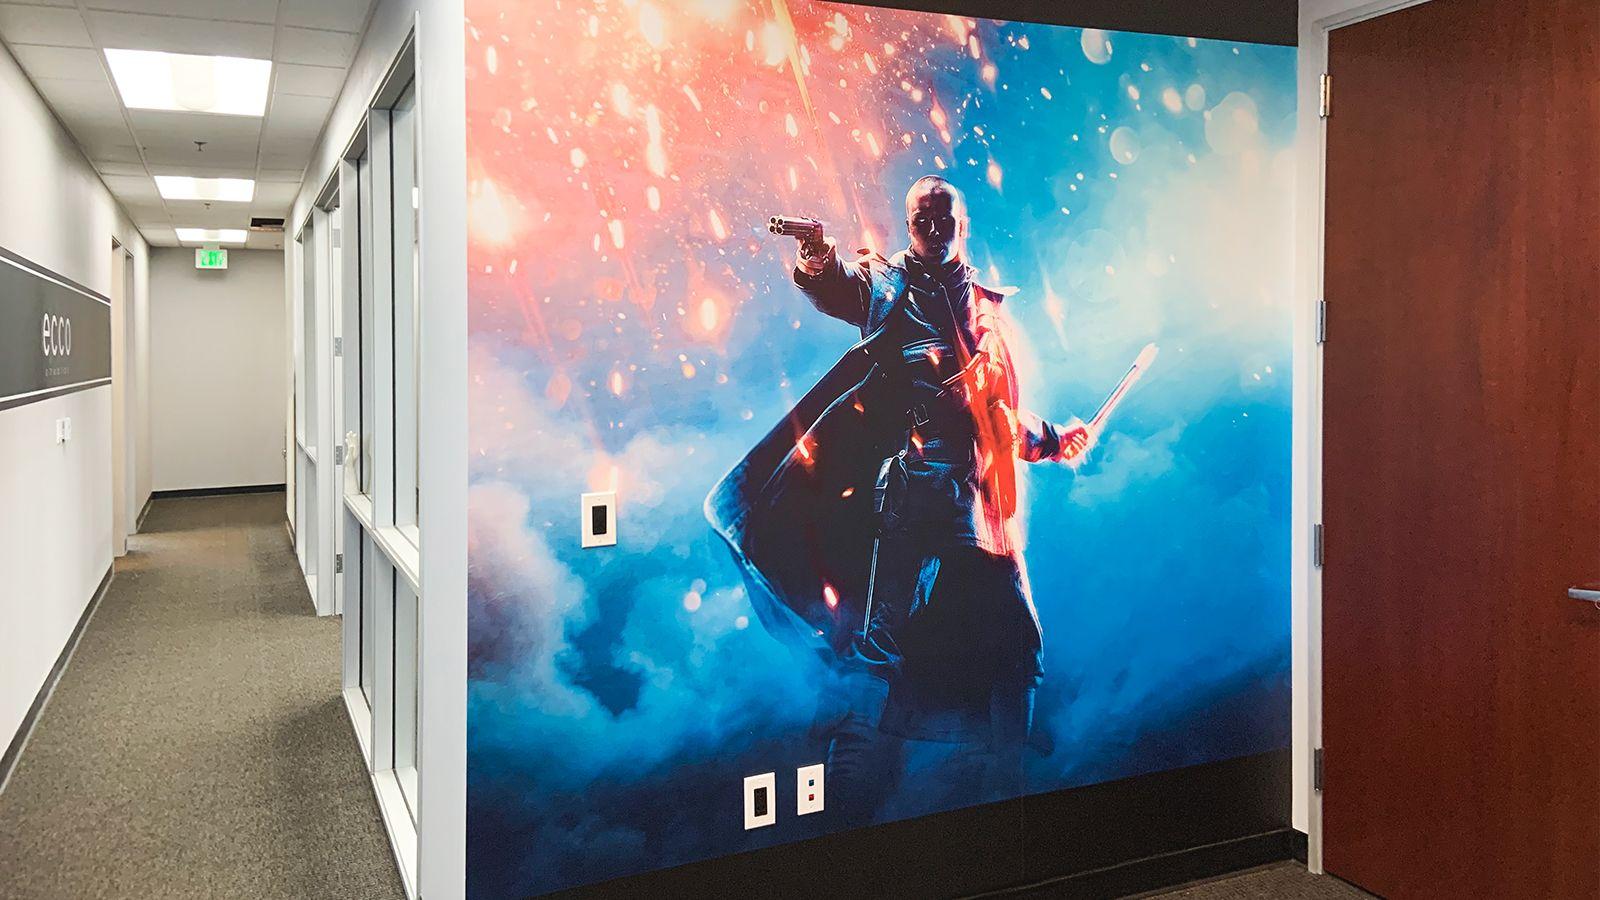 Ecco Studios lobby wall decal